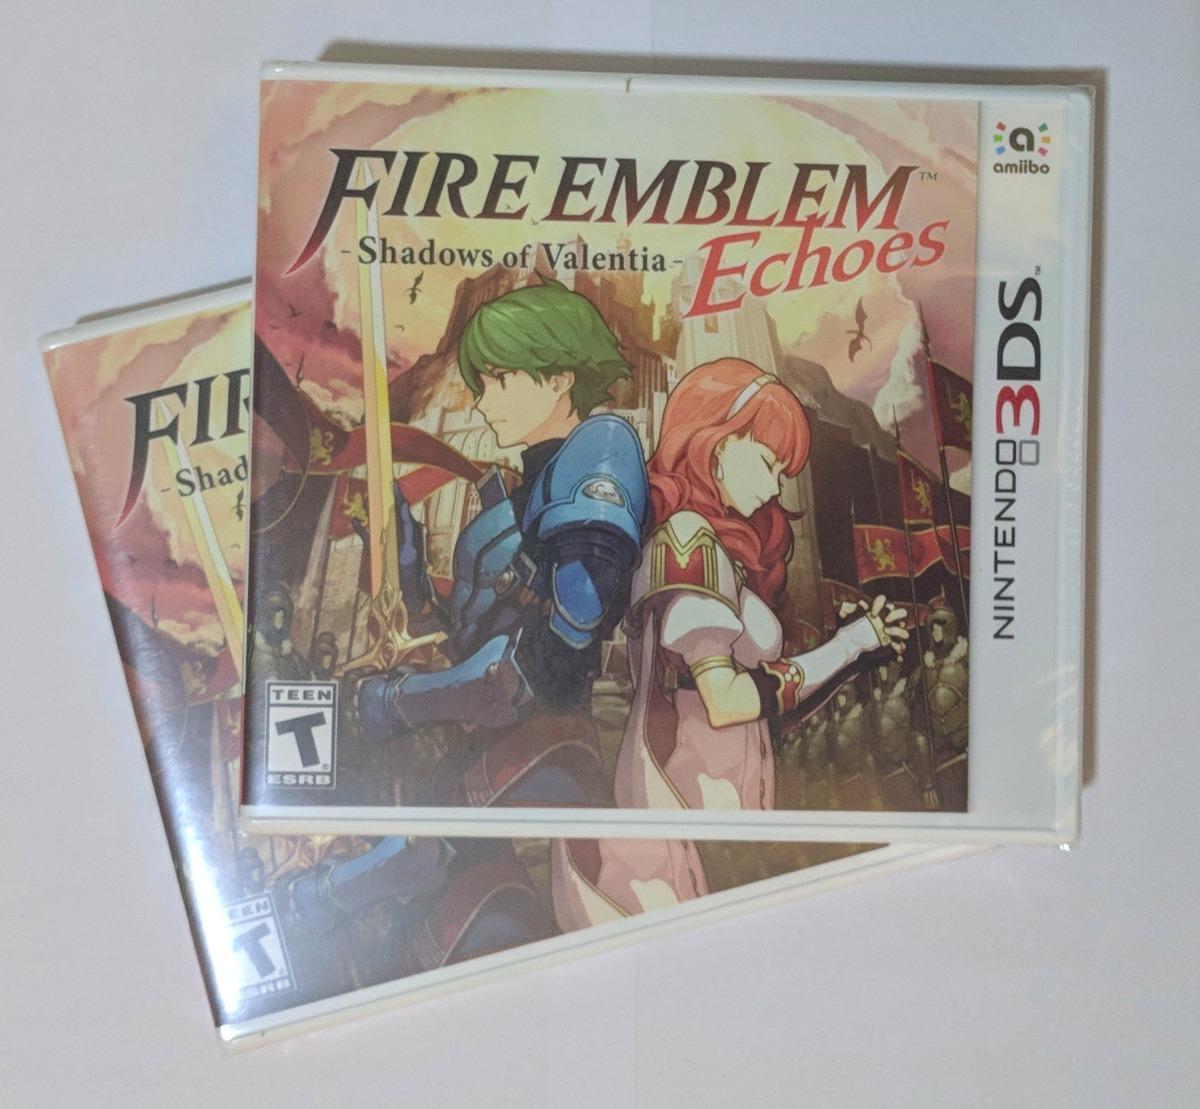 Fire Emblem Echoes Shadows Of Valentia Nintendo 3ds Eua R 139 3dsfire Shadow Caractersticas Saga Ttulo